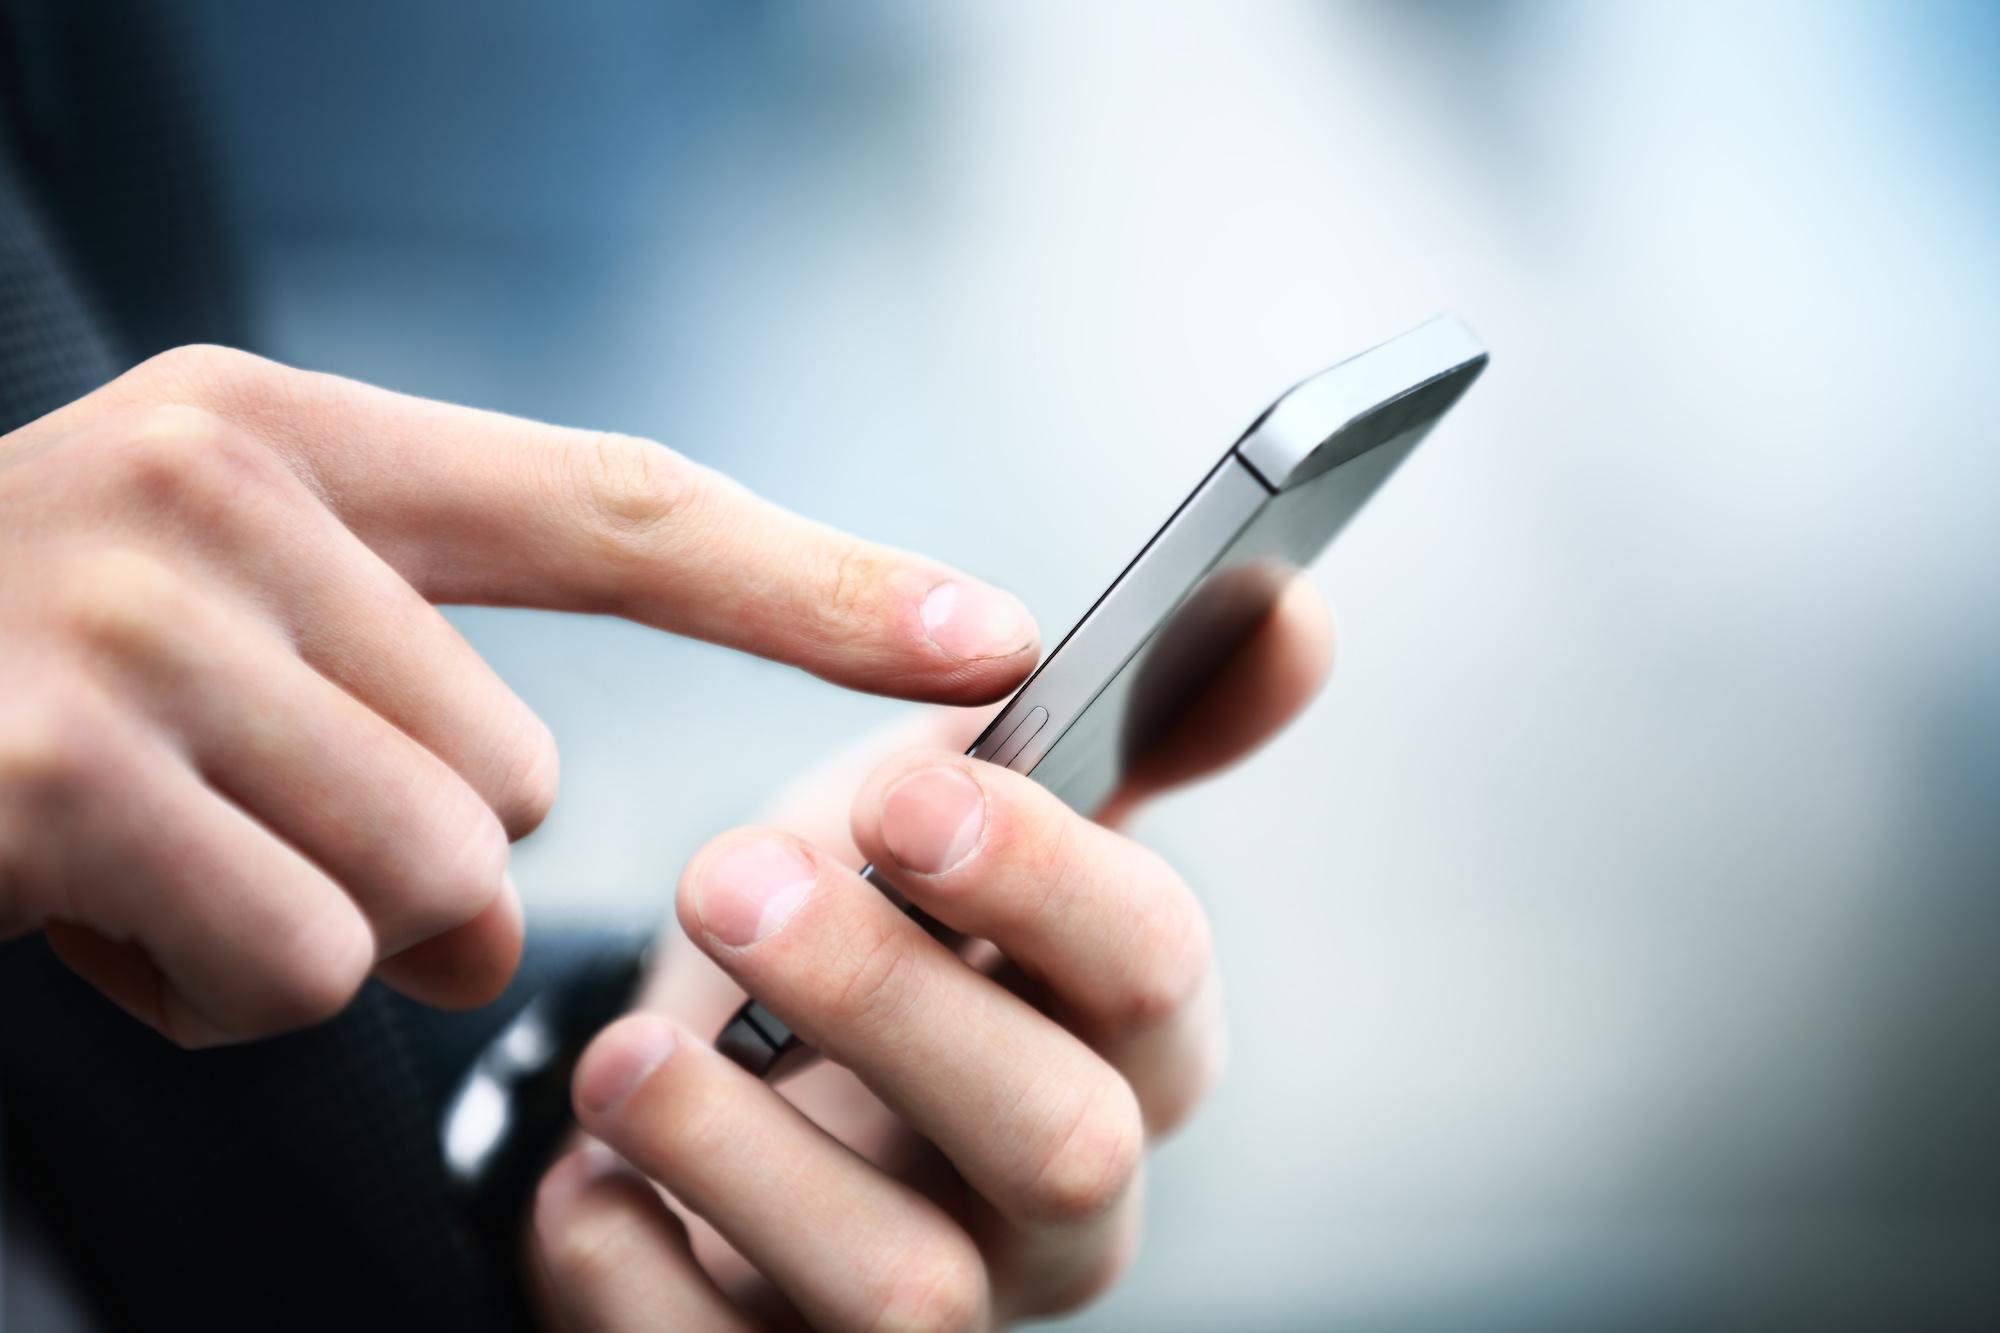 smartphone spy app